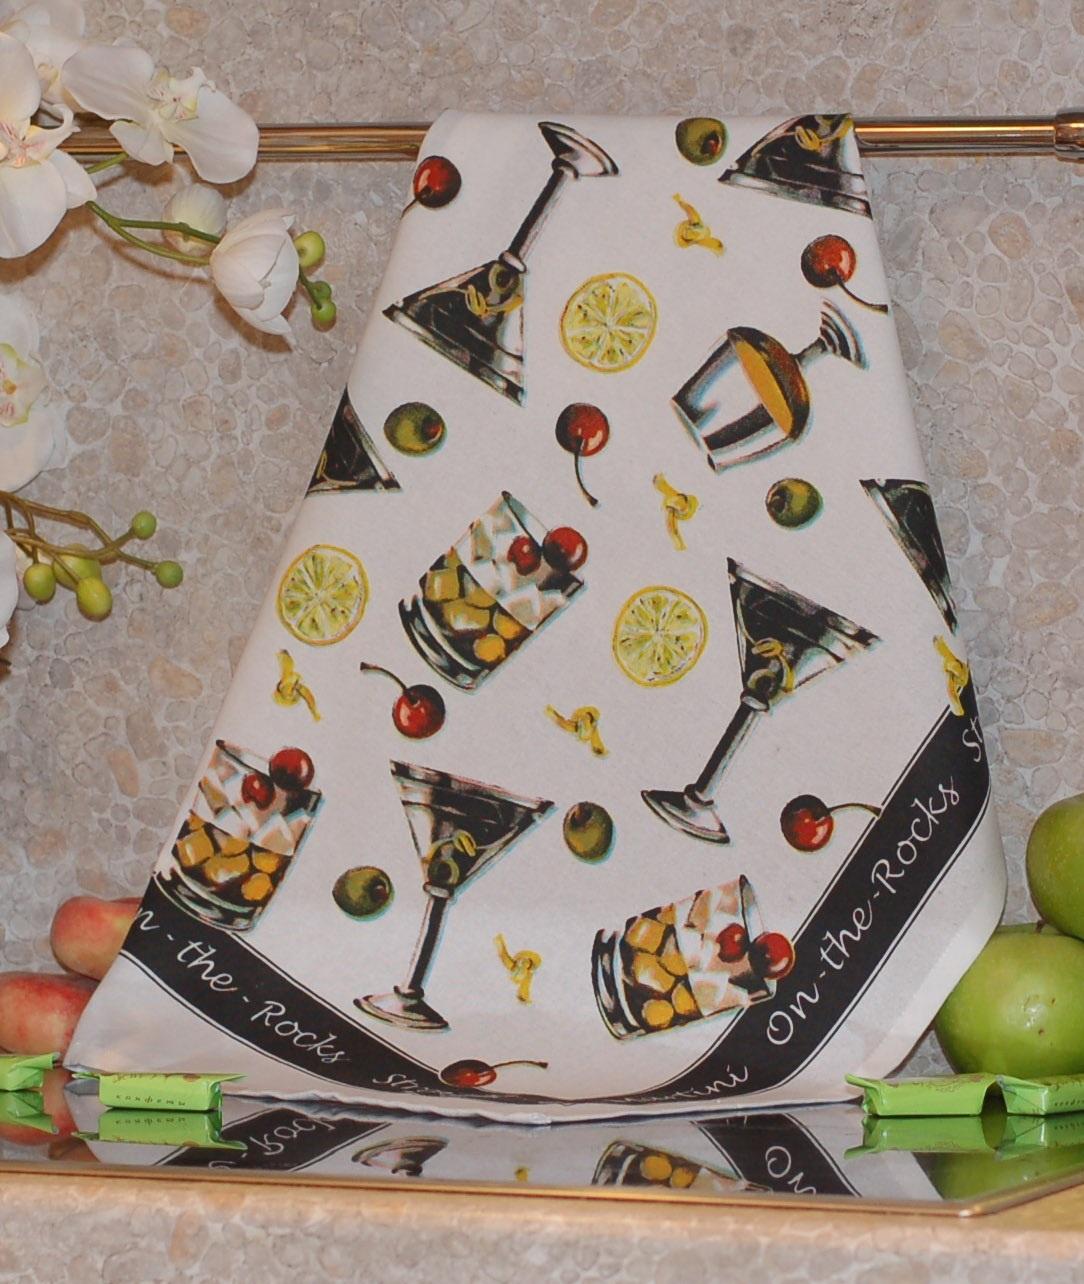 Полотенце с печатным рисунком ТекСтиль 507042-7 COCKTAIL полотенце кухонное текстиль для дома 507061 1 cafе коричневый бежевый красный